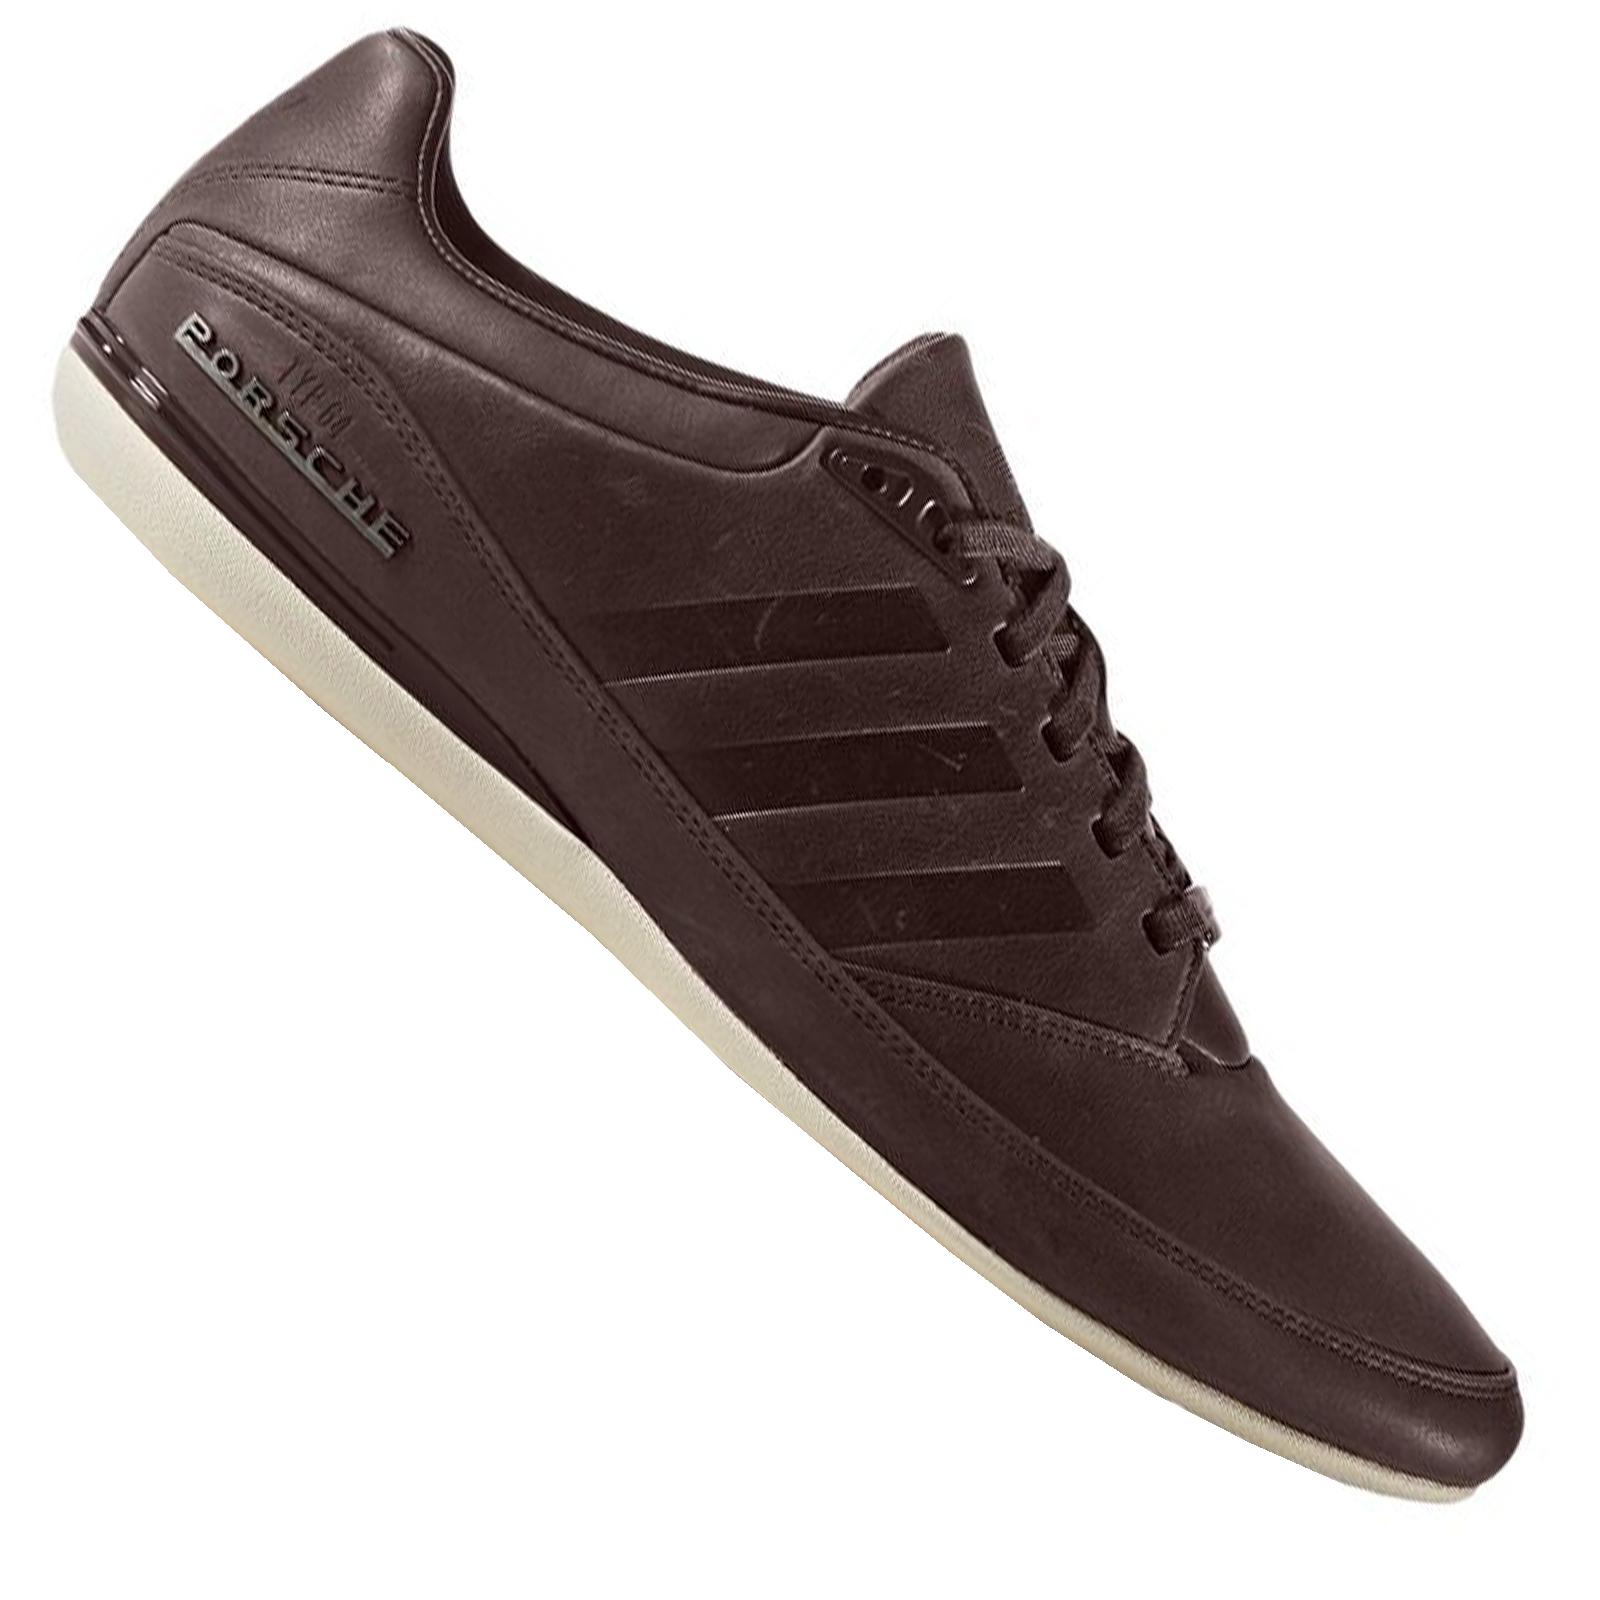 Details zu adidas Originals Porsche Design Typ 64 Schuhe Herren Leder Sneaker Braun BB1149